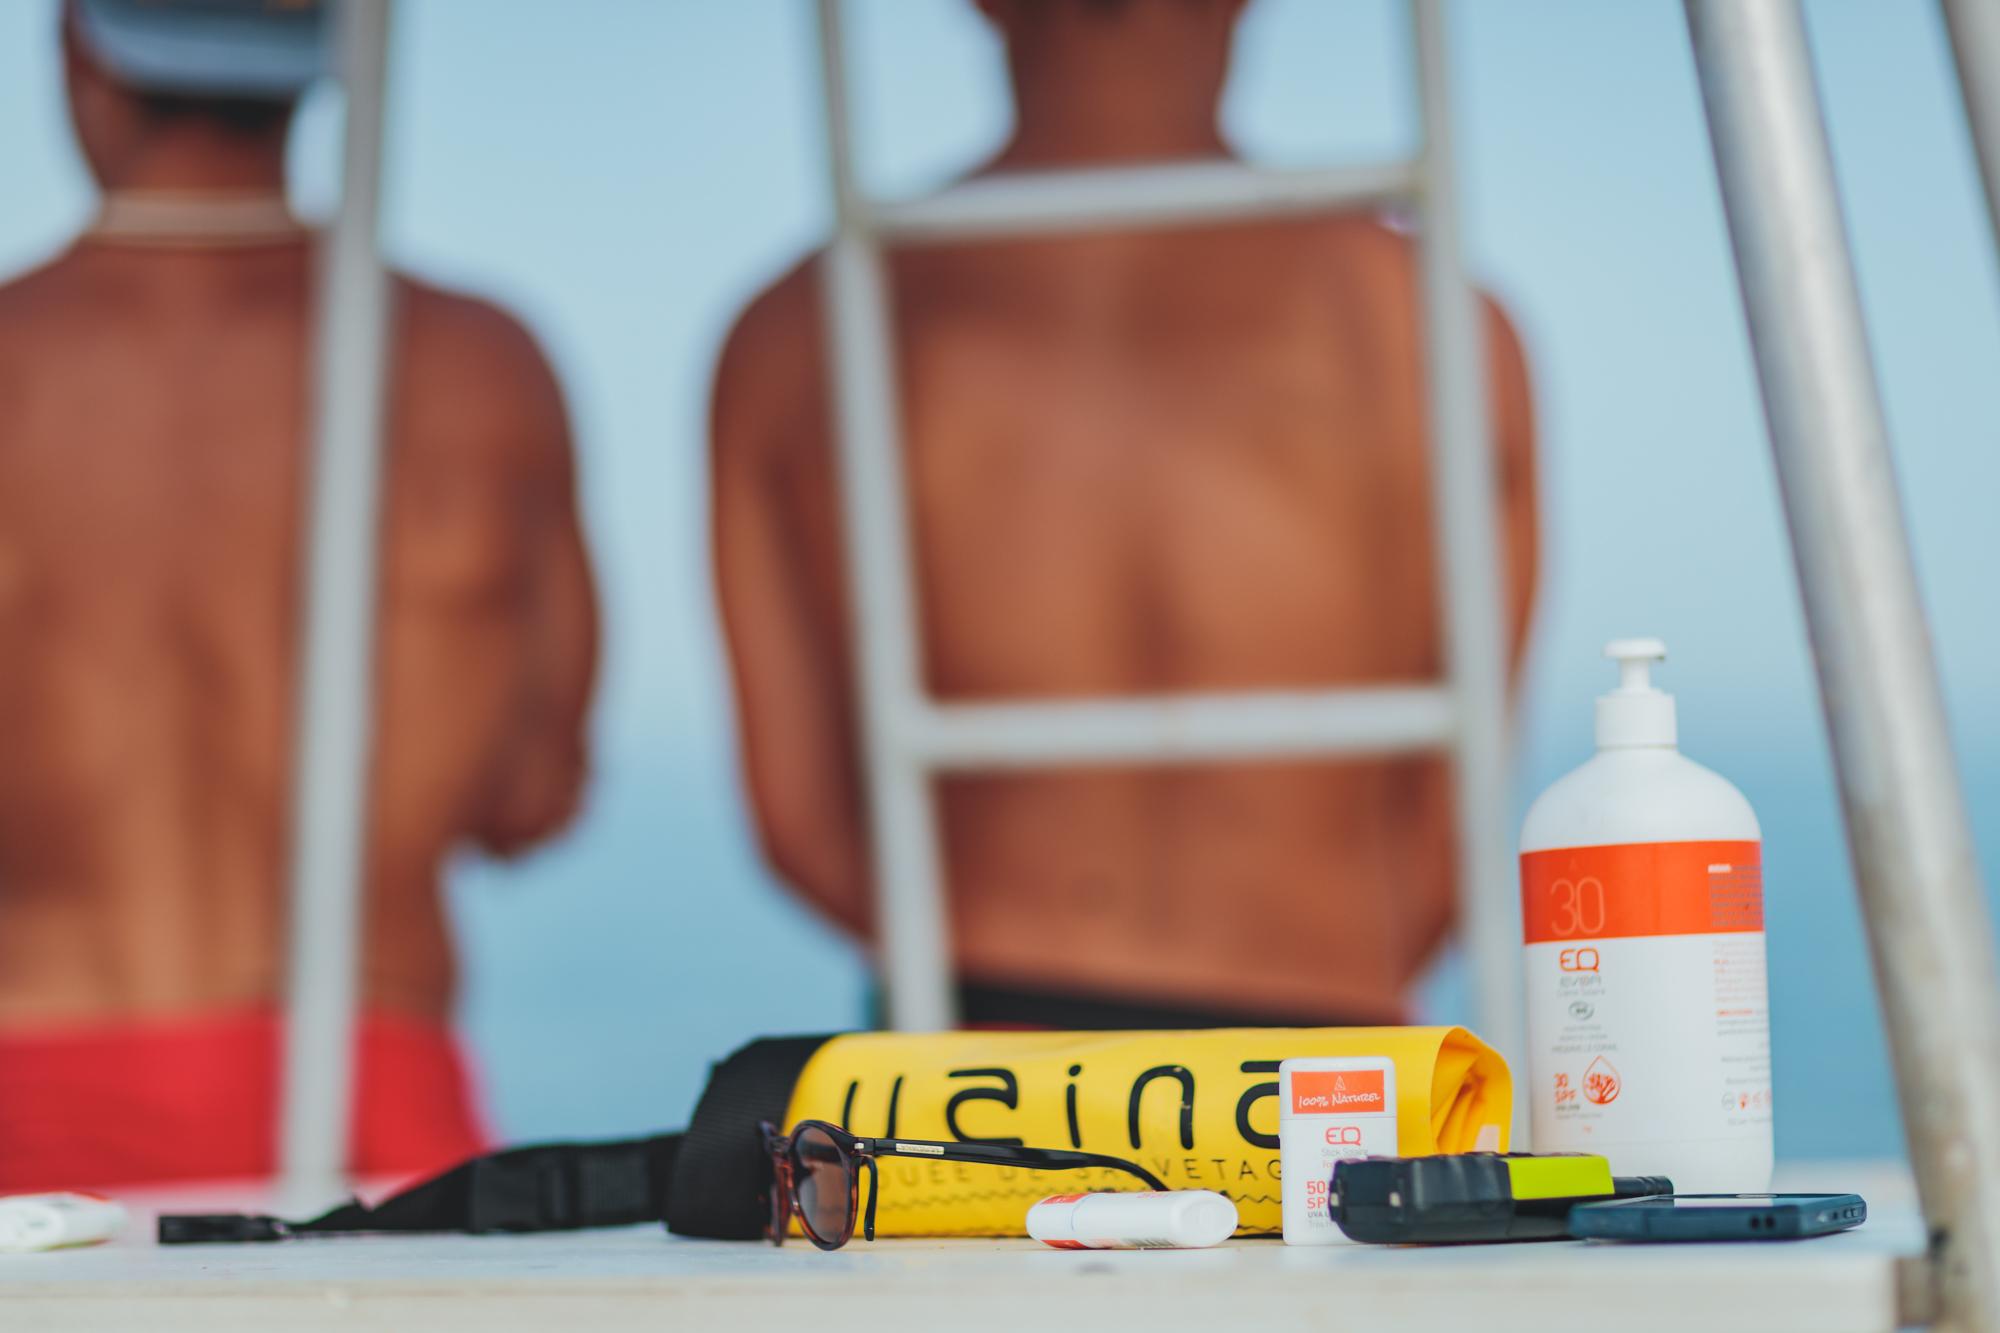 EQ Love et bouée Uaina sur le mirador de la plage de la Madrague